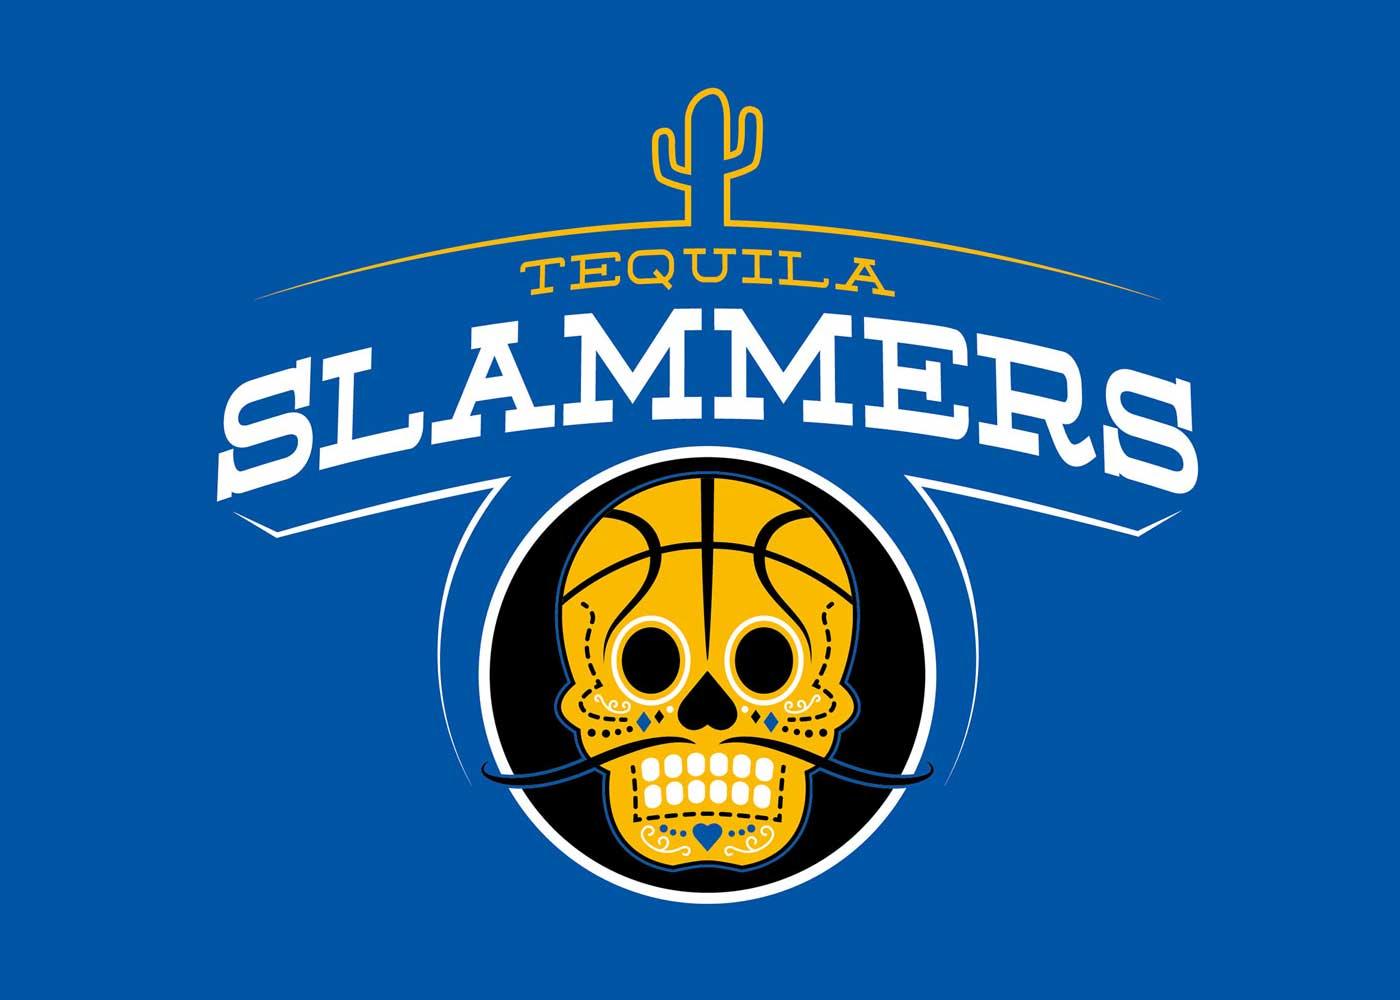 Tequila Slammers social basketball team logo